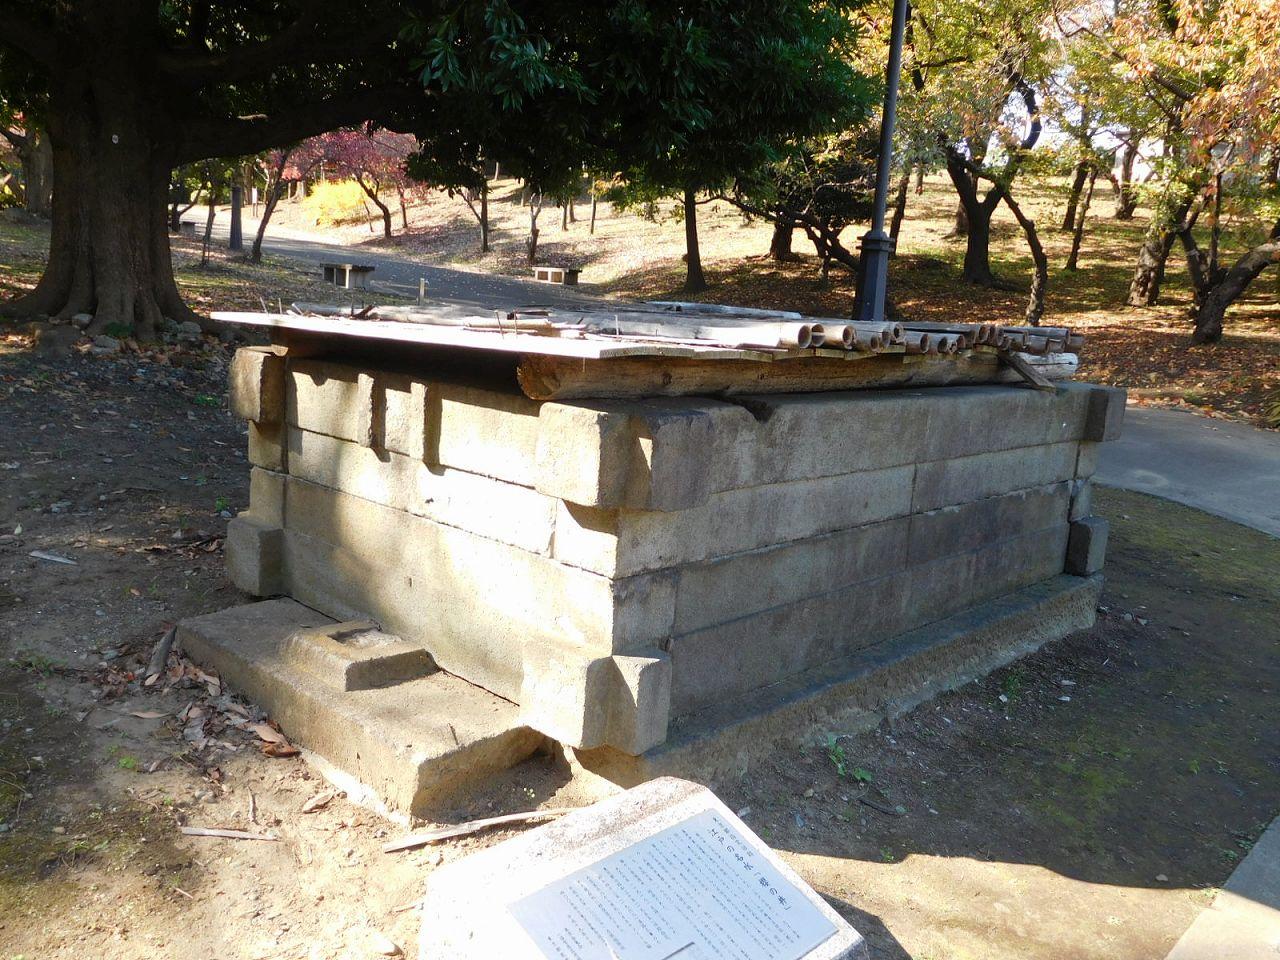 江戸名水の一つ「桜の井」 昭和43年10m離れた現在地に移設復元